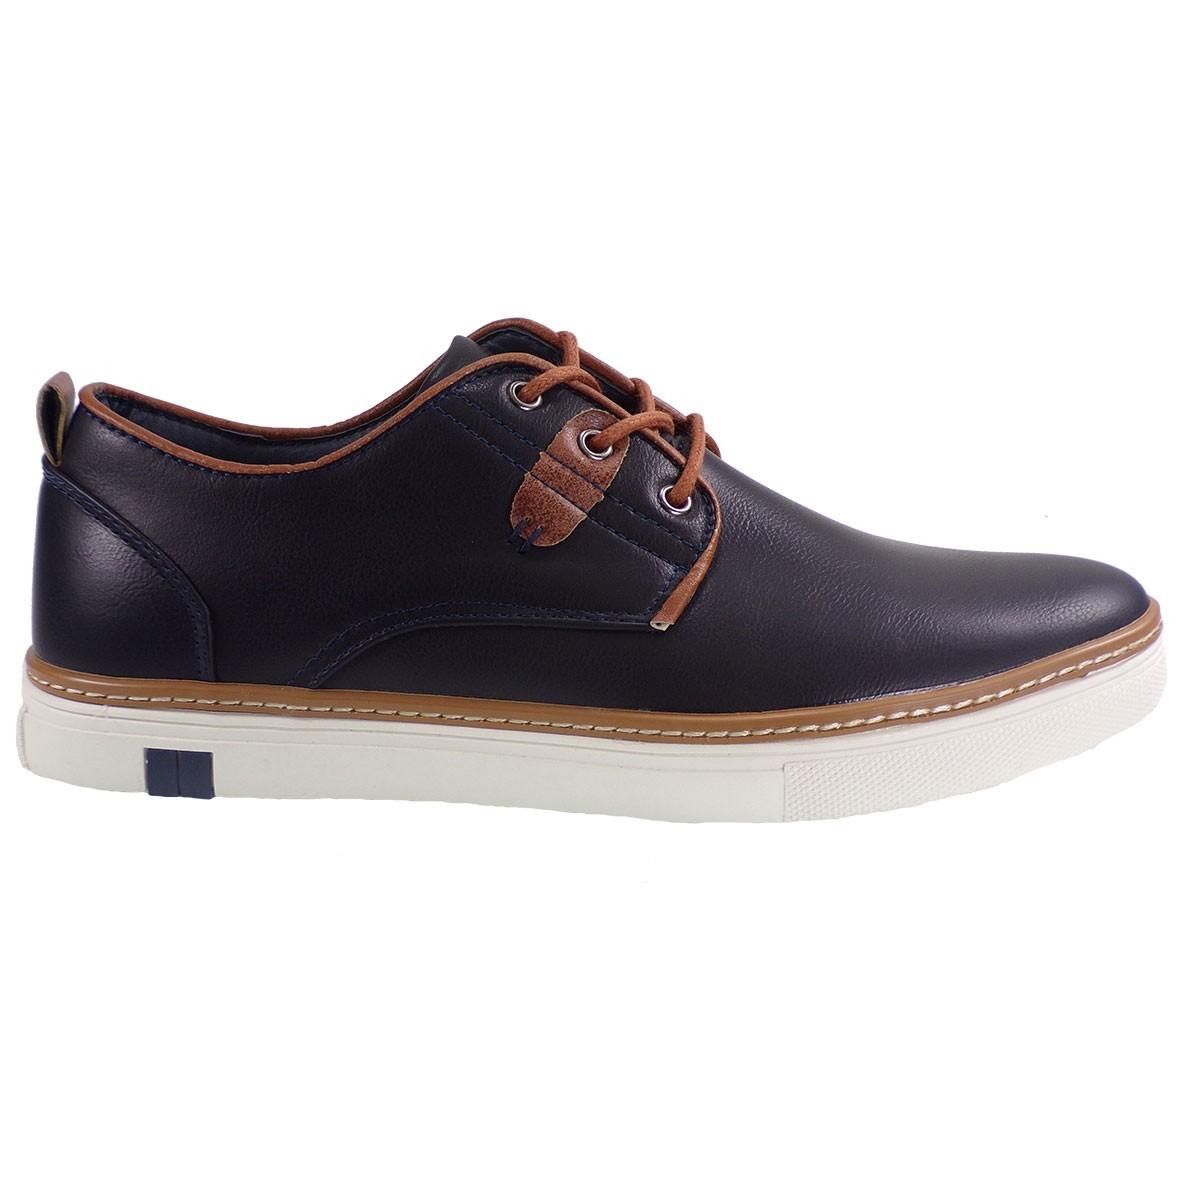 4c0aeaae84b Calgary Ανδρικά Παπούτσια Sneakers Α1001 Μπλέ Ι5700111138F – IShoeStore